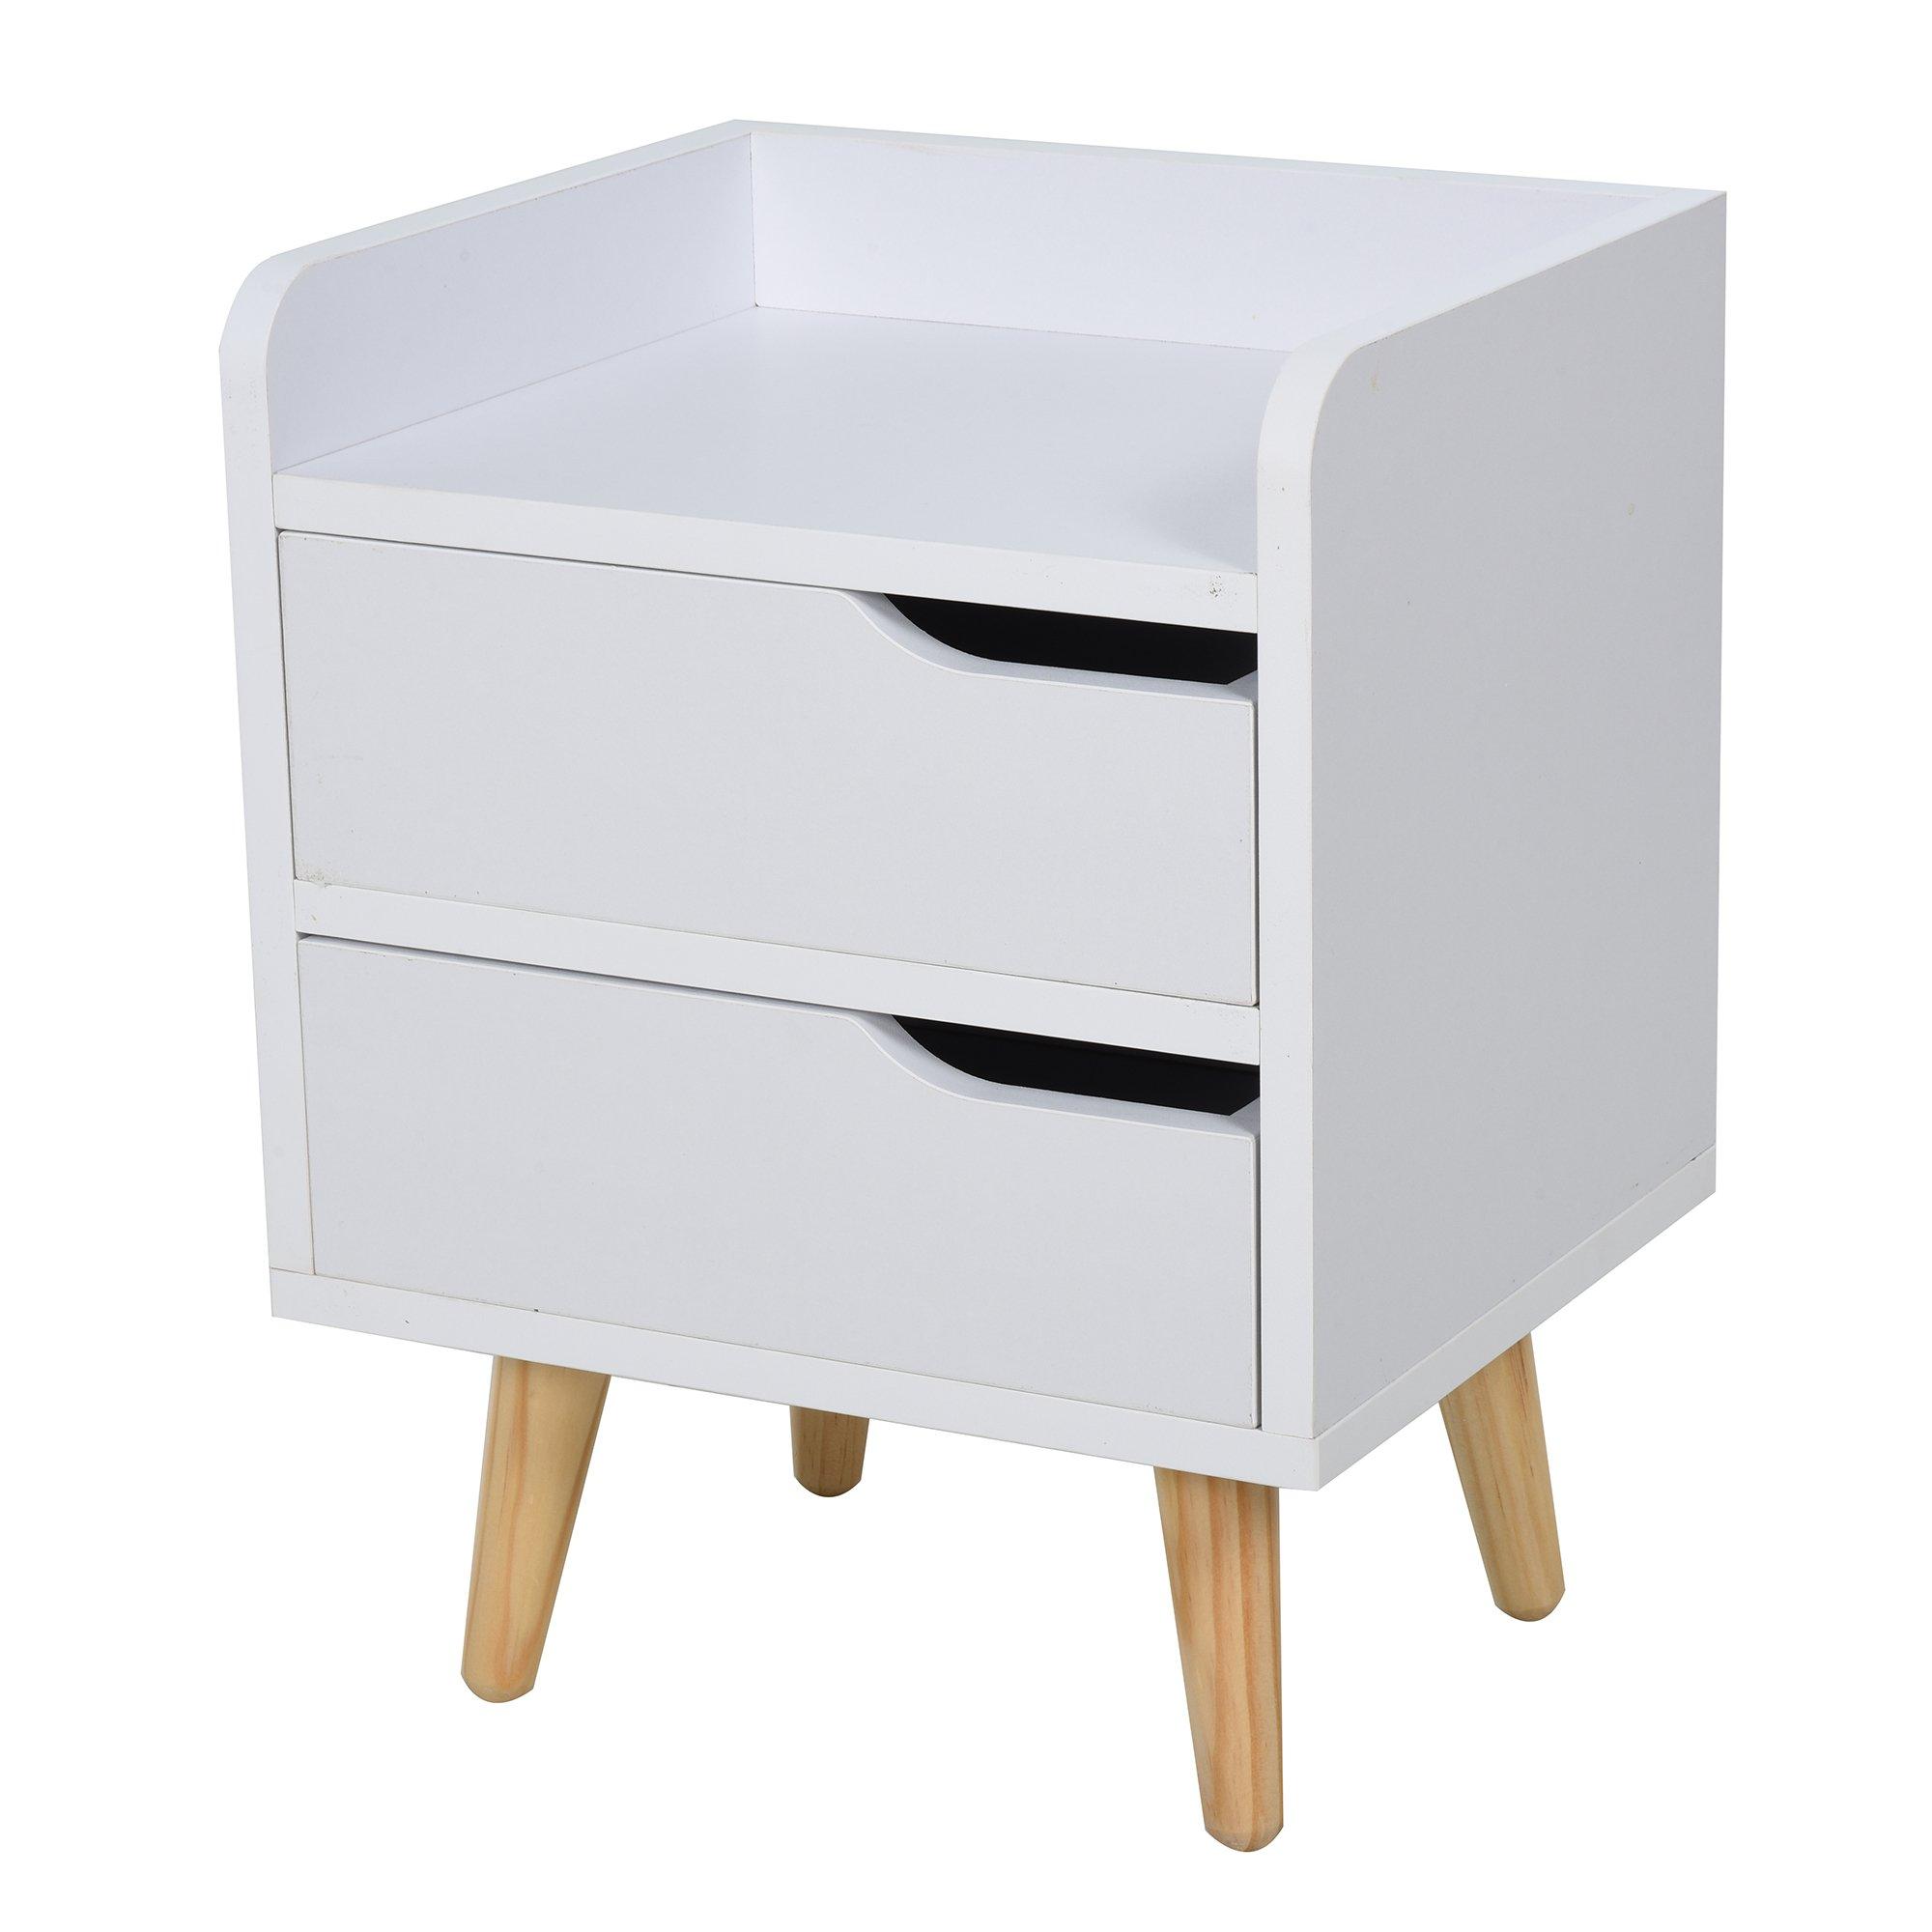 Homcom Comodino dal Design Moderno Bianco con Cassetti e Piedini in Legno